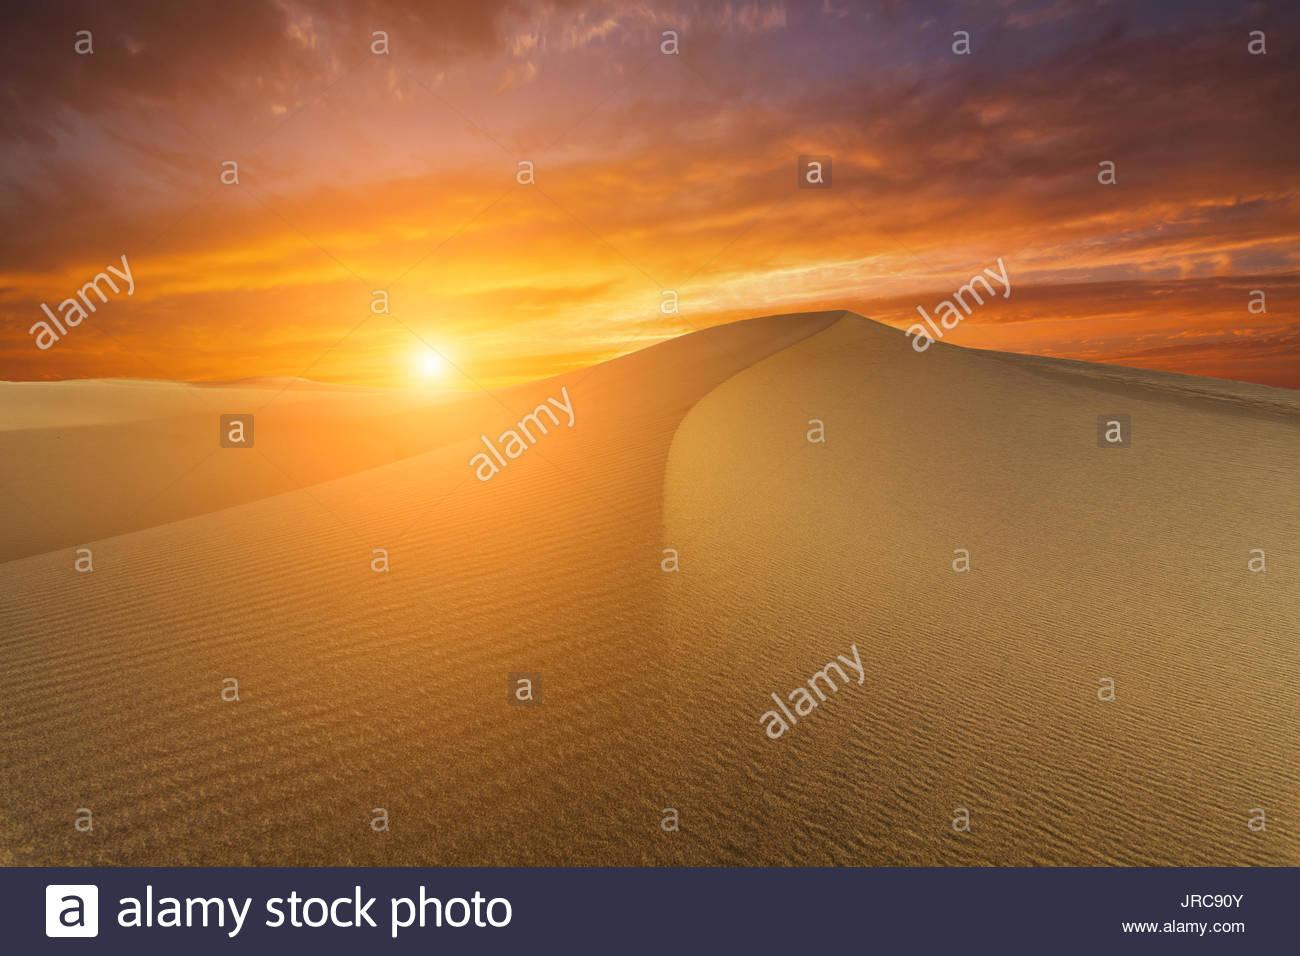 Schöne Landschaft der Wüste auf dem Hintergrund einer feurigen Sonnenuntergang. Stockfoto